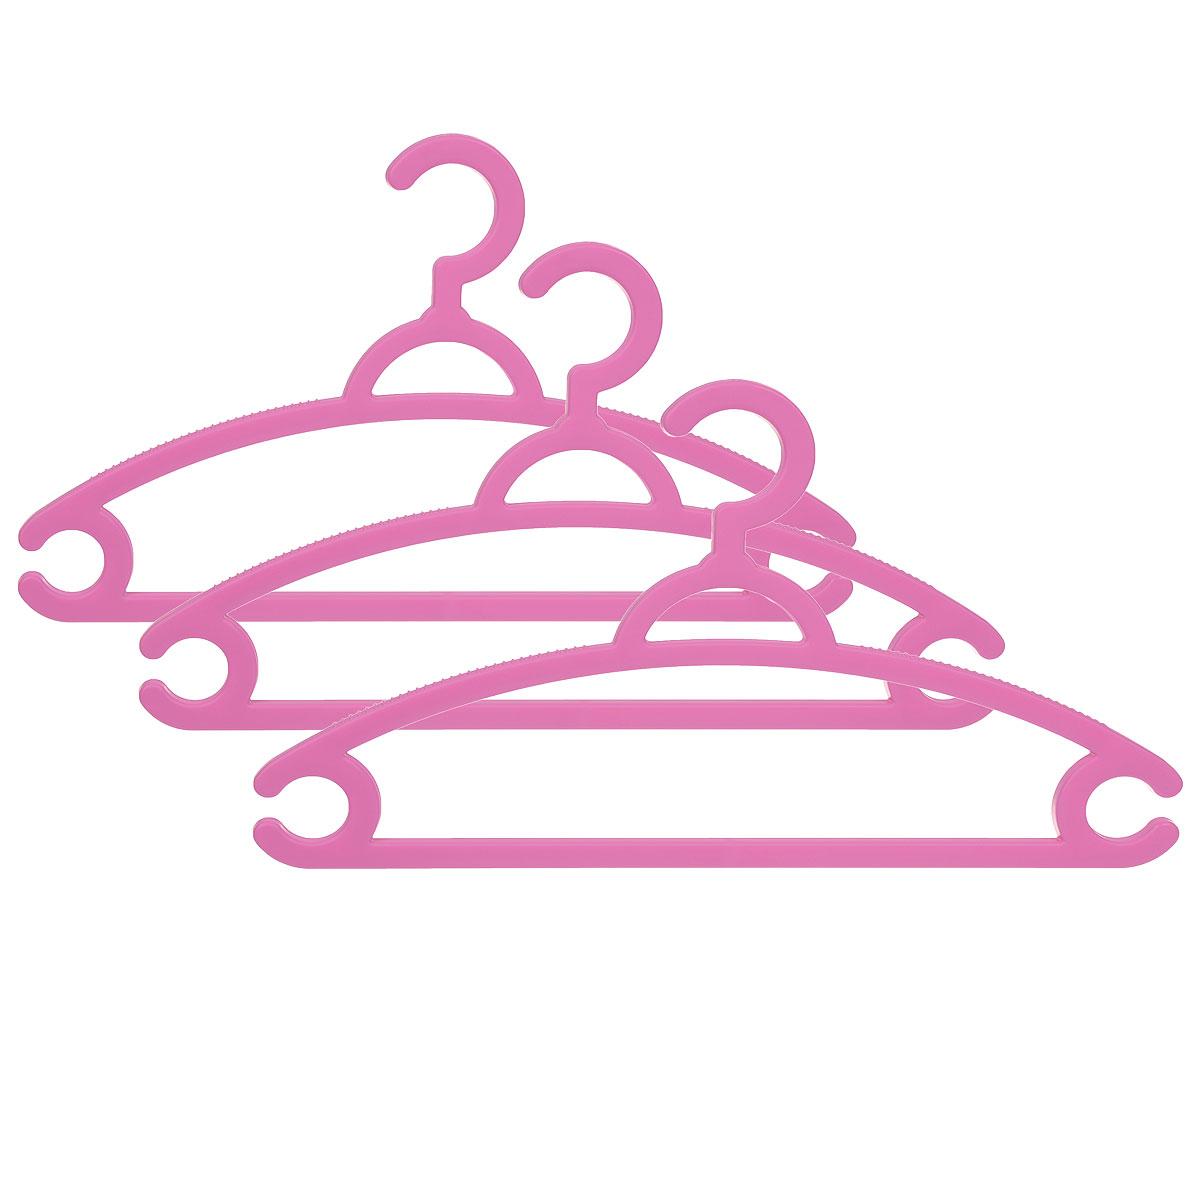 Набор вешалок для легкой одежды М-пластика, цвет: розовый, 3 штМ 2212_розовыйНабор М-пластика, выполненный из легкого и прочного пластика, состоит из трех вешалок. Изделия оснащены перекладинами и двумя крючками. Вешалка - это незаменимая вещь для того, чтобы ваша одежда всегда оставалась в хорошем состоянии. Комплектация: 3 шт.